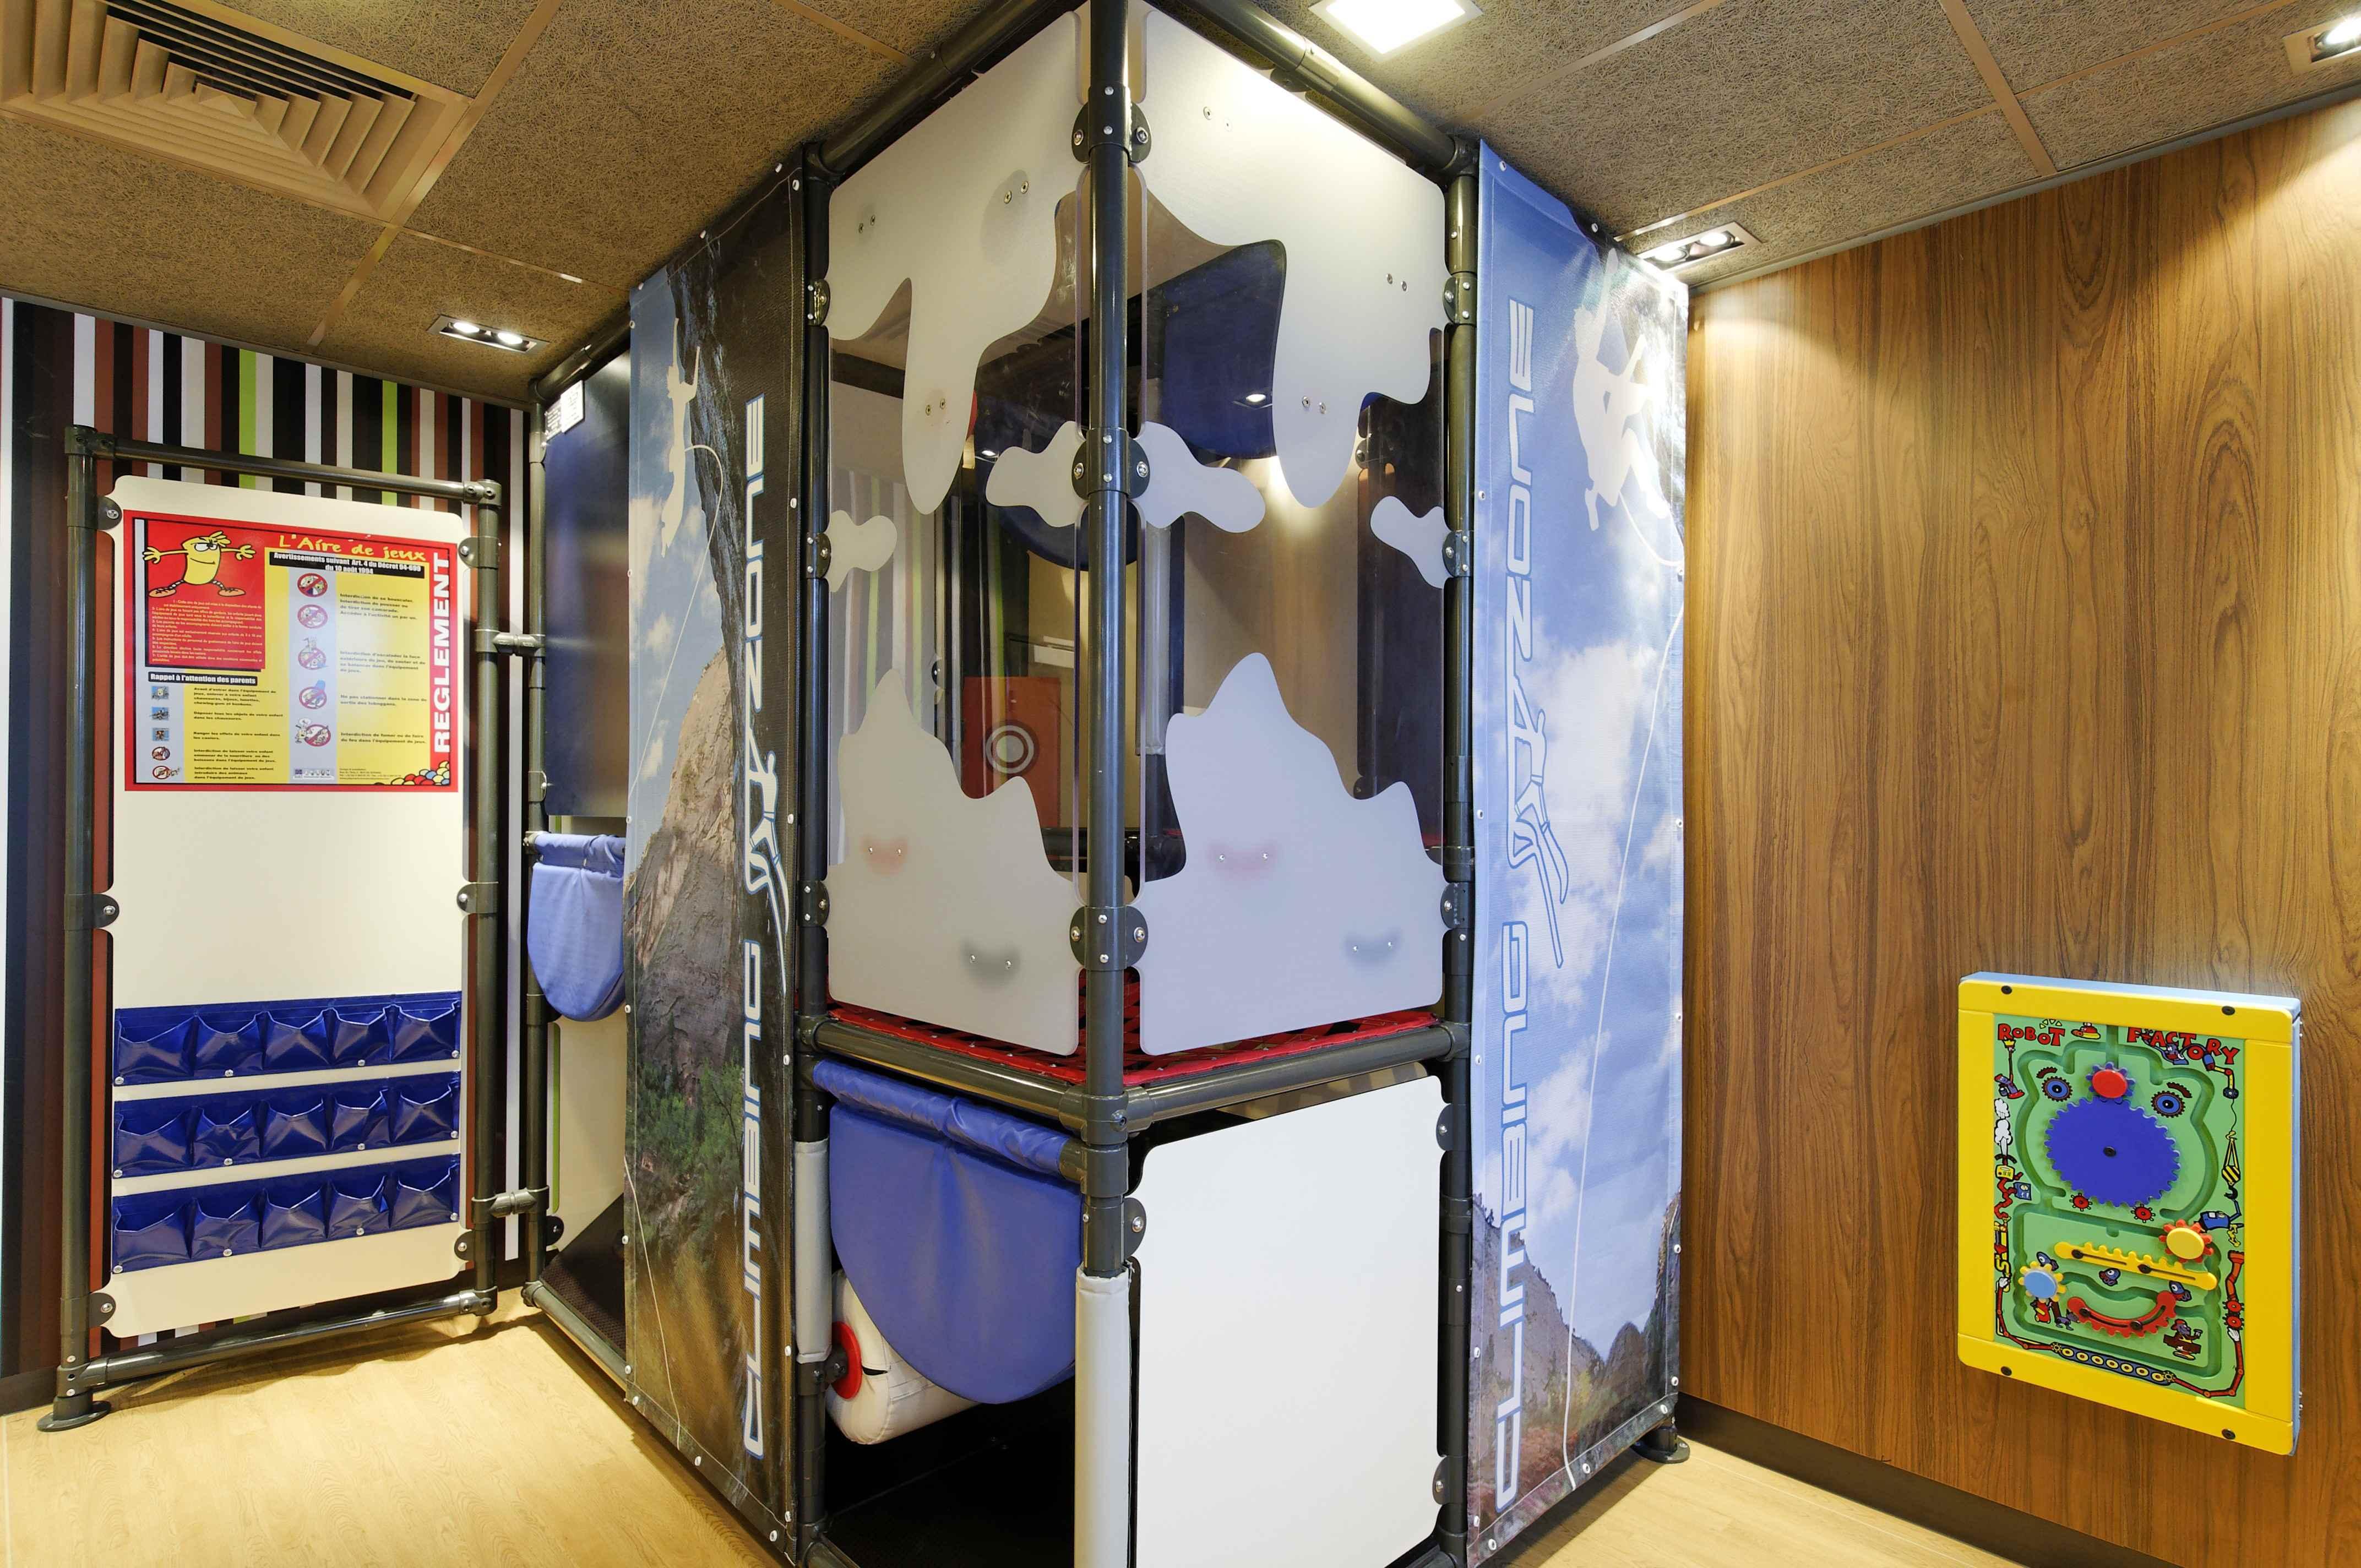 bienvenue dans votre restaurant mcdonald u0026 39 s vitry le francois